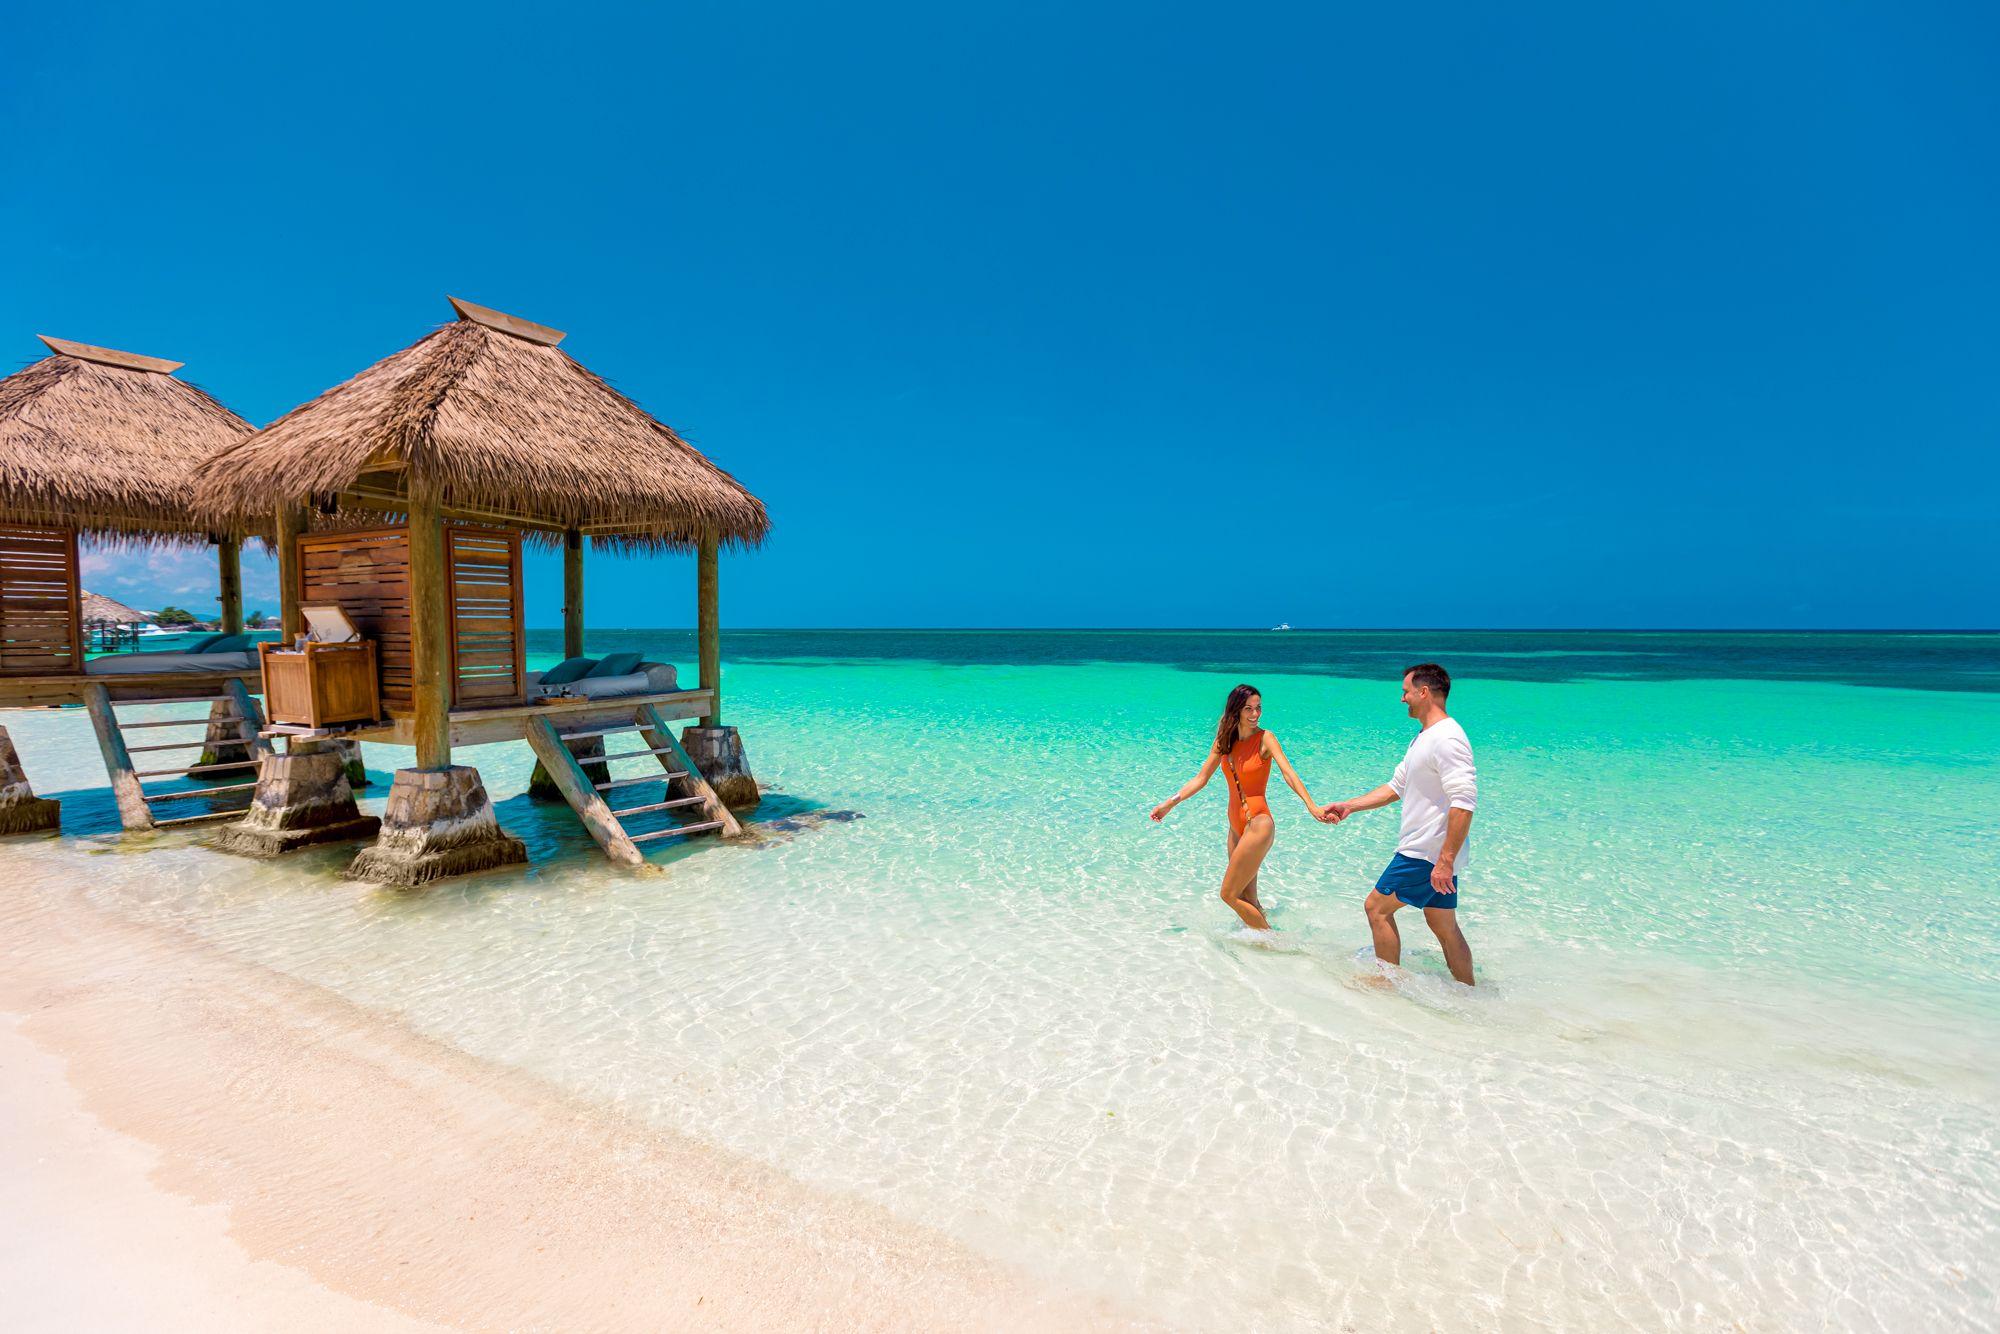 Sandals Montego Bay Beach Cabanas